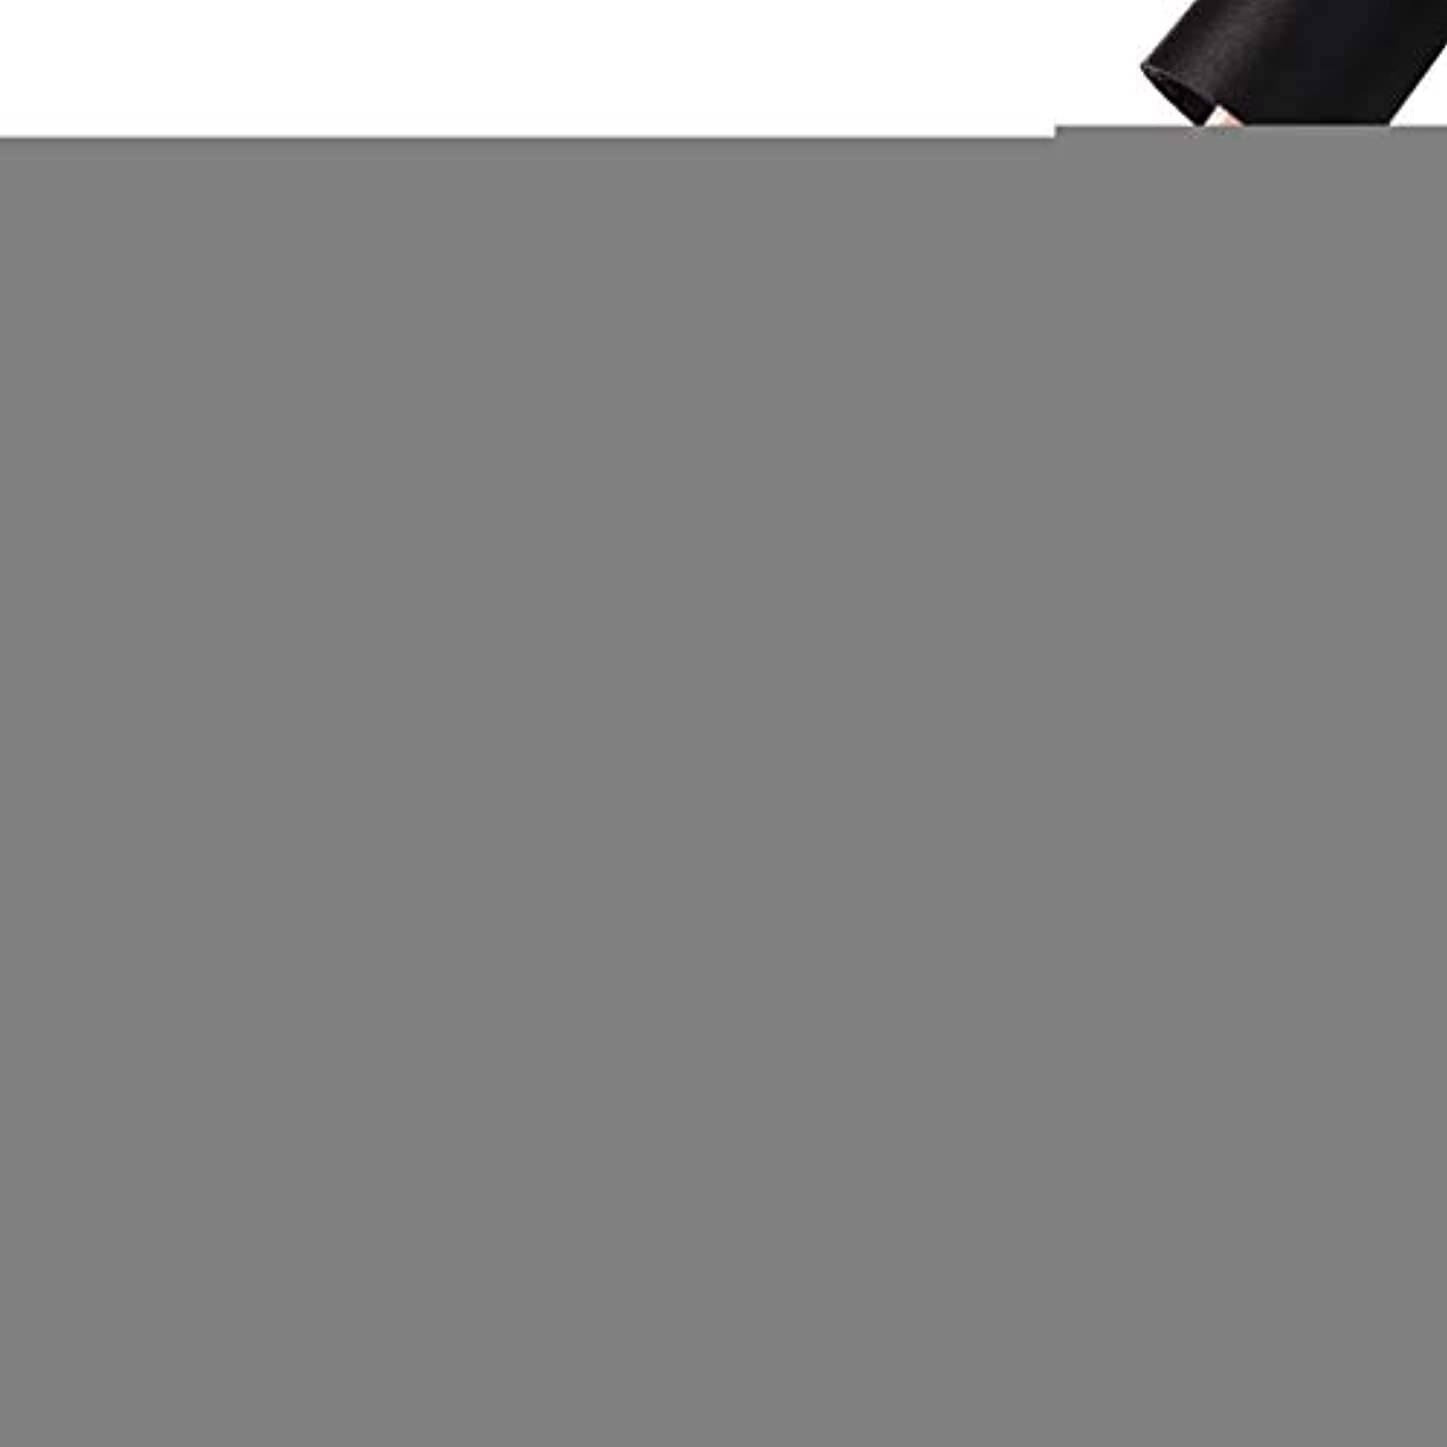 すごいアンタゴニスト夜の動物園ジェルネイル カラージェル 二段着色プライマー ベースコートとしても カラージェルとしても できる 1色入り 10ml 【全6色選択可】